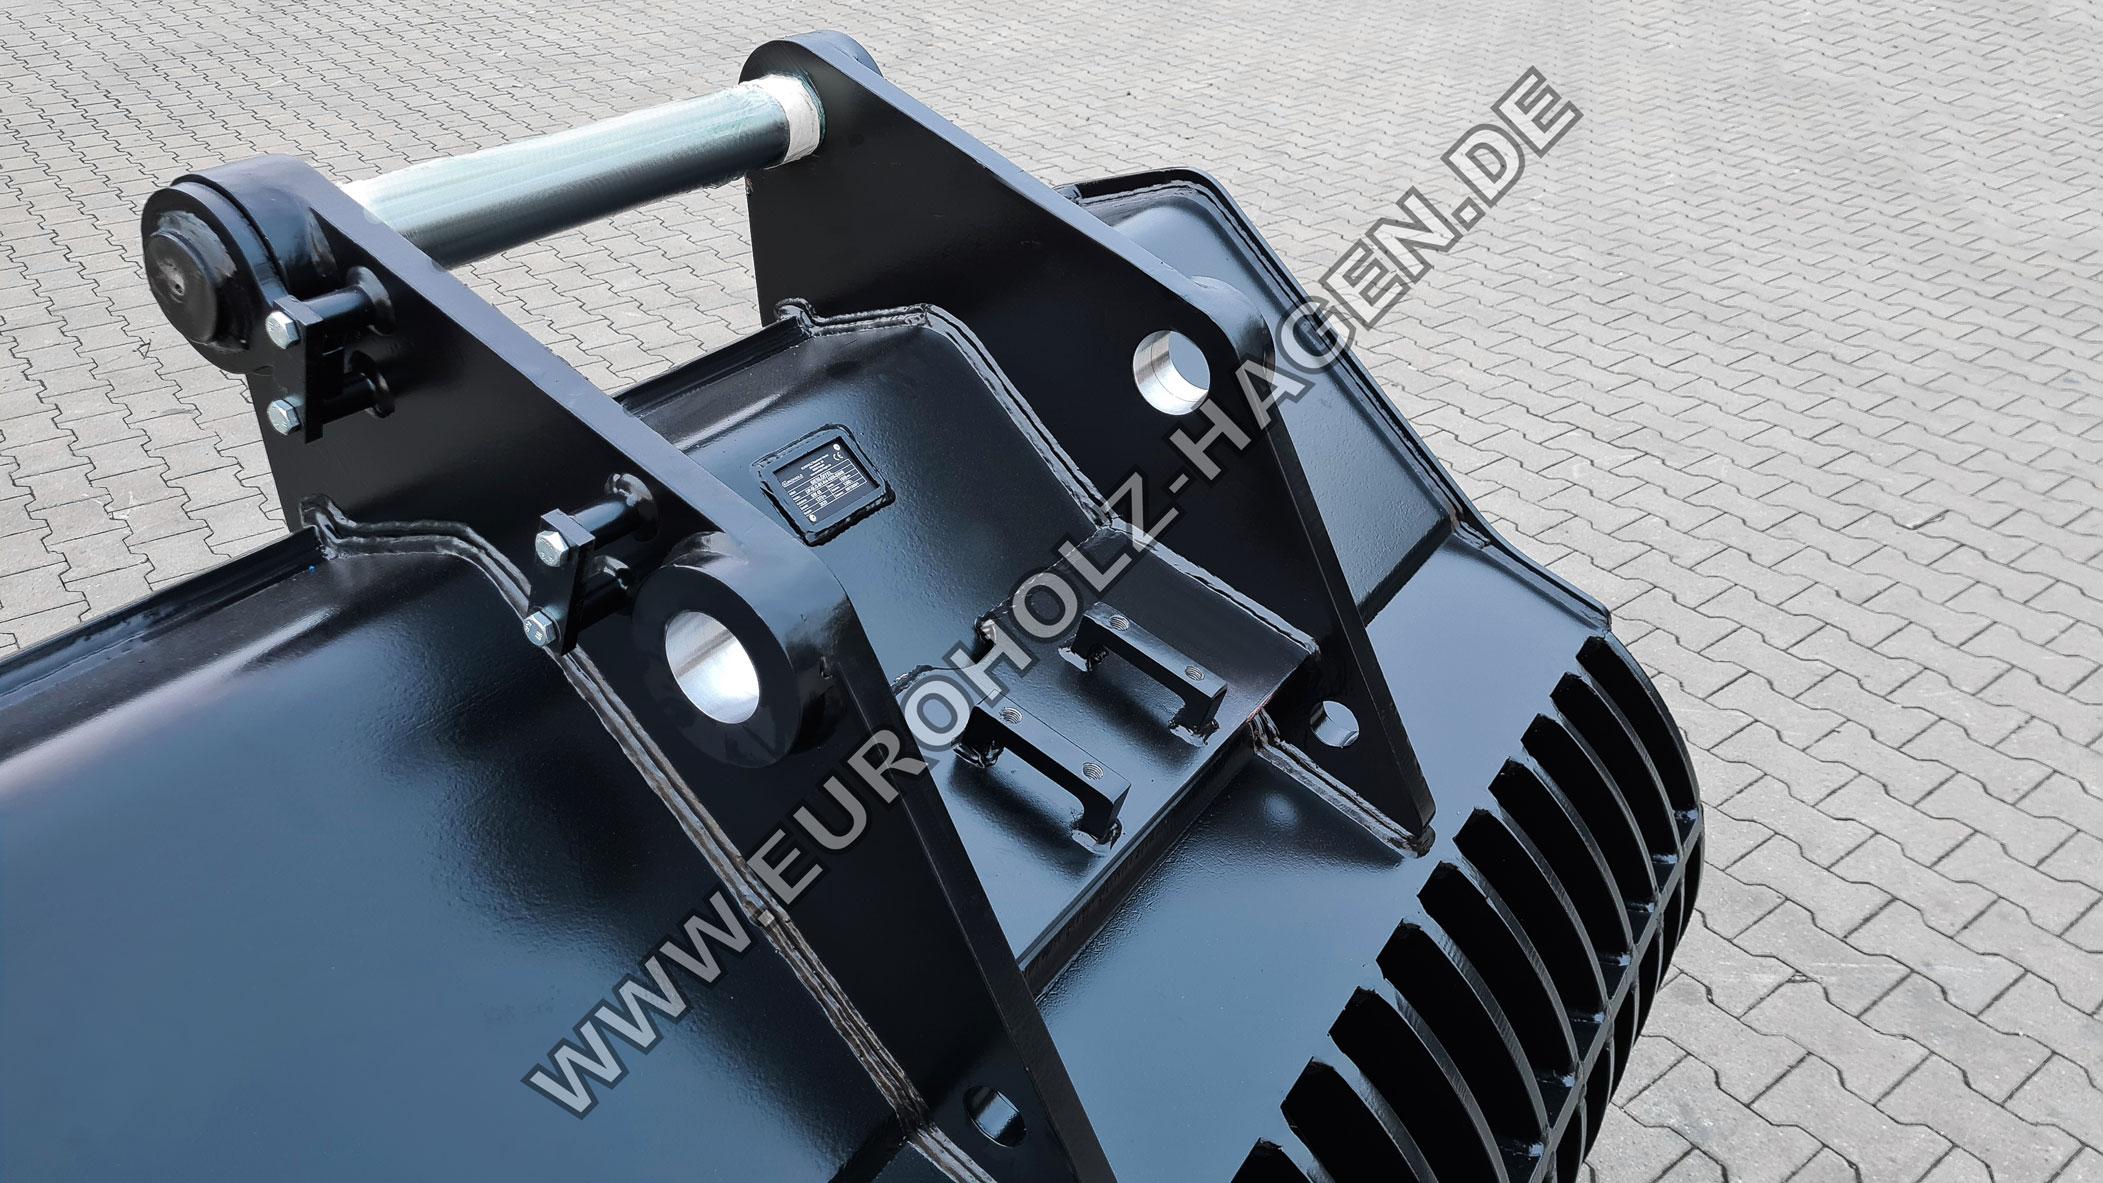 Sieblöffel passend für Liebherr SW48 1600 mm Kat. 4 EH